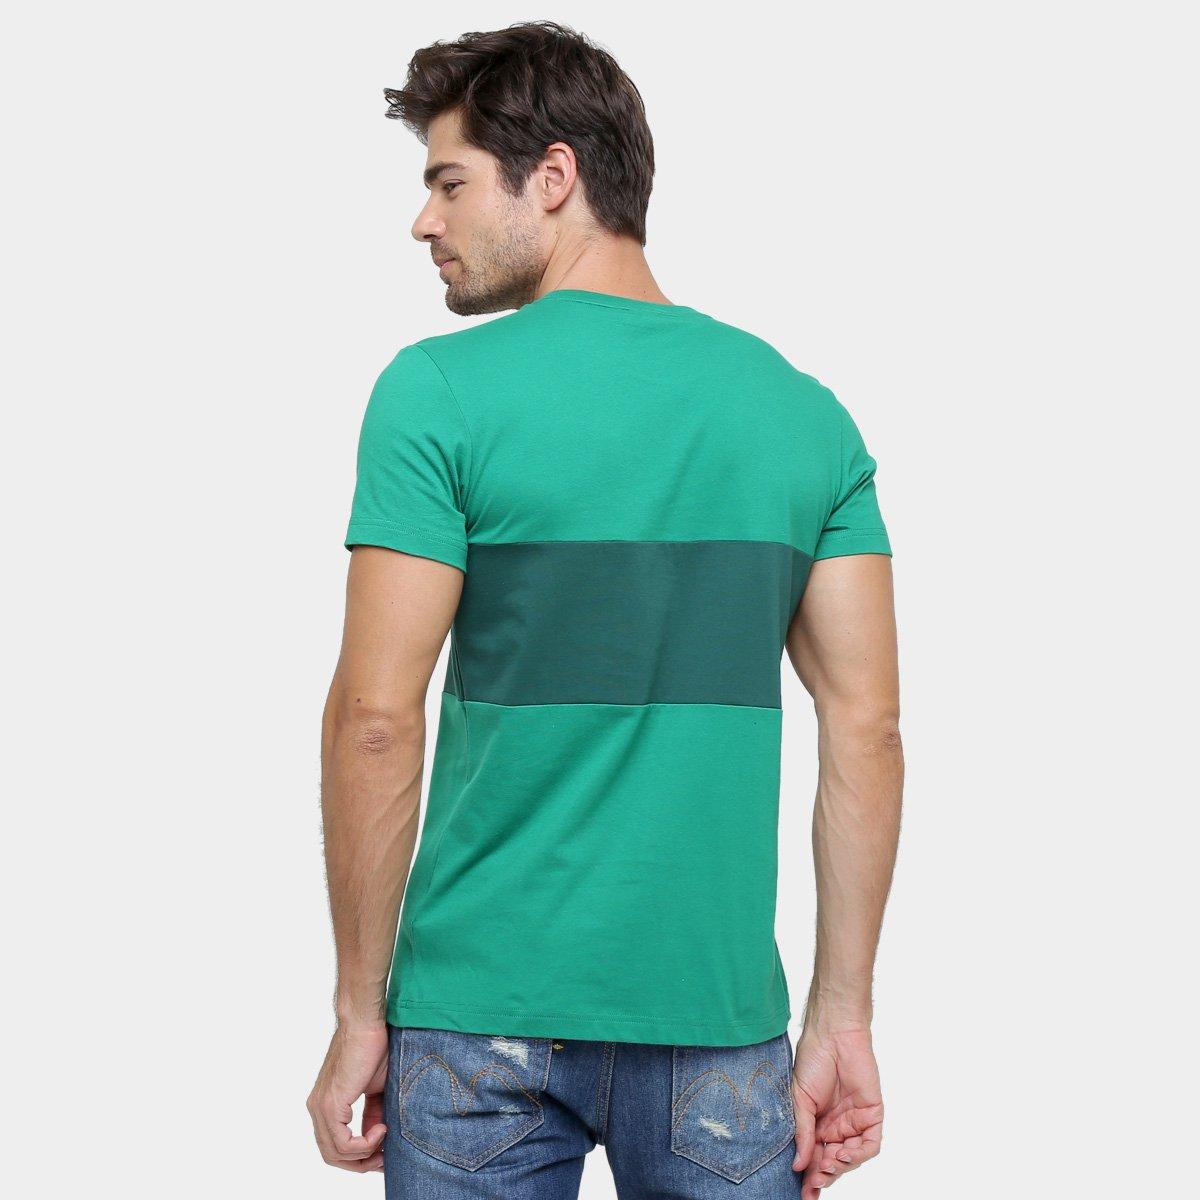 Camiseta Adidas Palmeiras Especial Masculina  Camiseta Adidas Palmeiras  Especial Masculina ... e4a2980d1e282